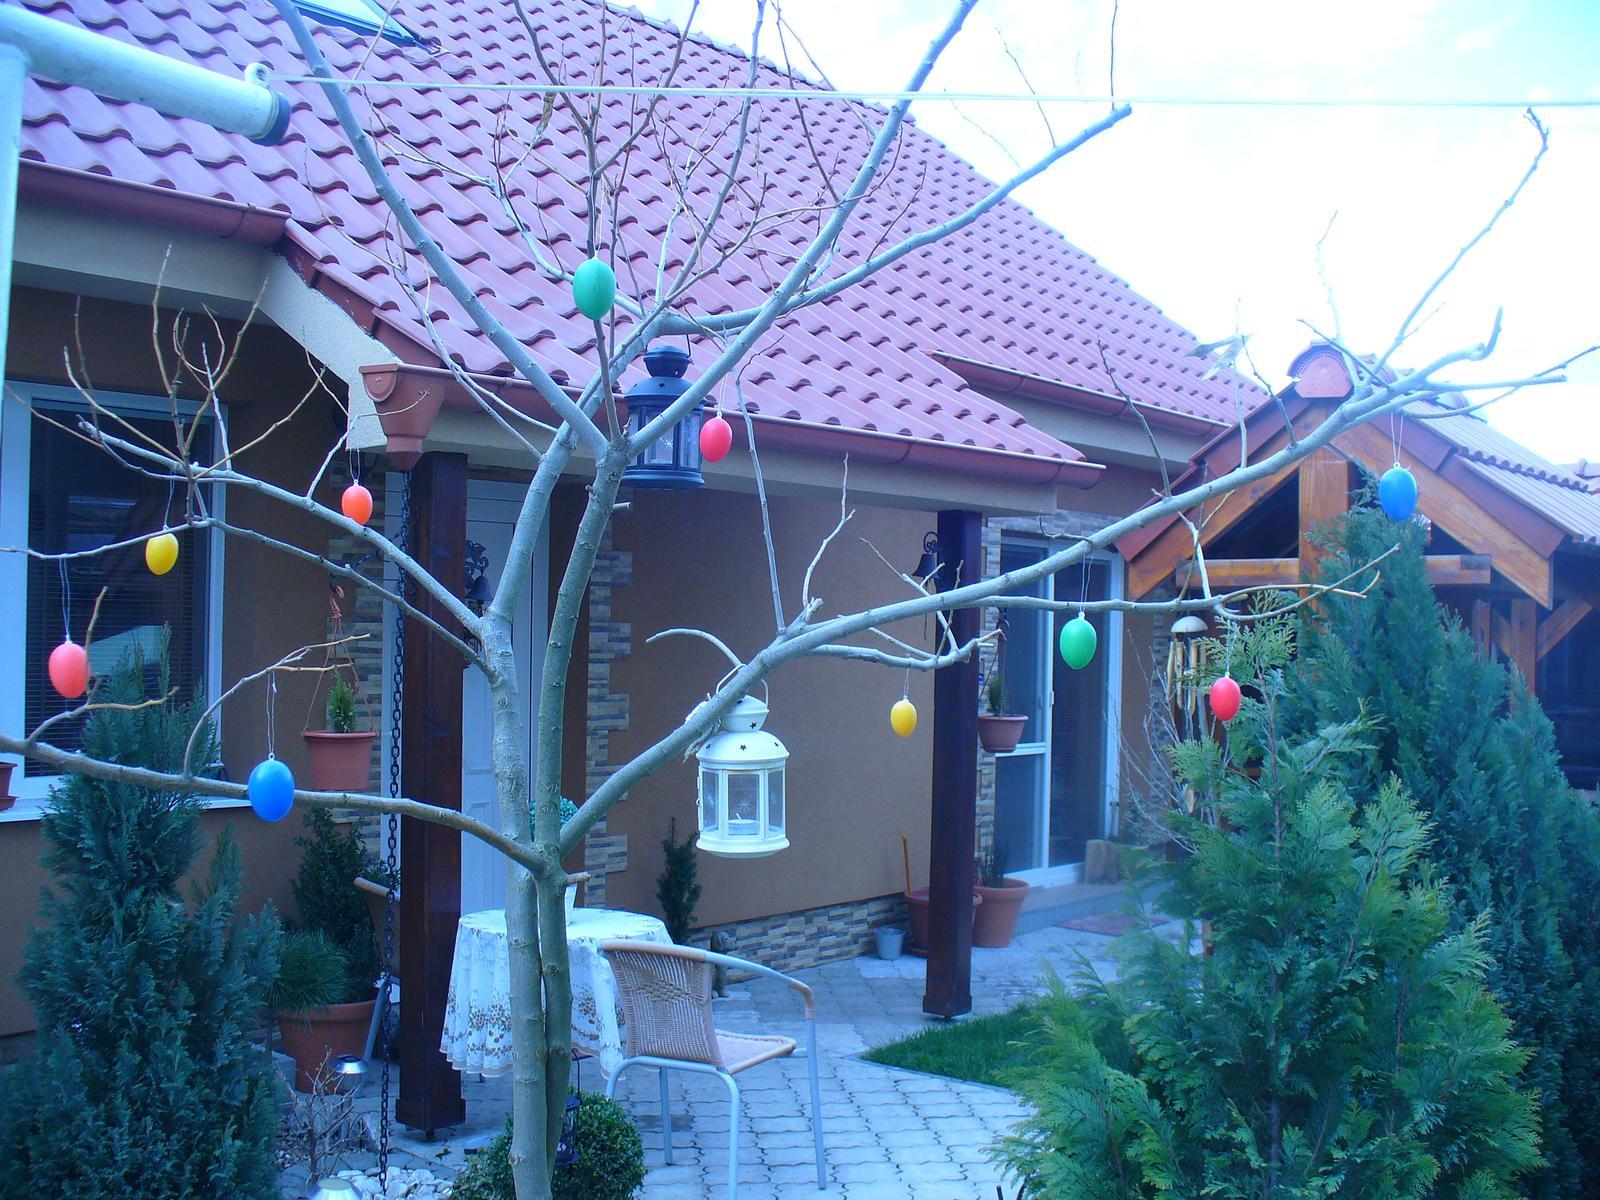 Krásne a veselé Veľkonočné sviatky Vám prajem :) - Albízia sa teší, že je taká Veľkonočná :)